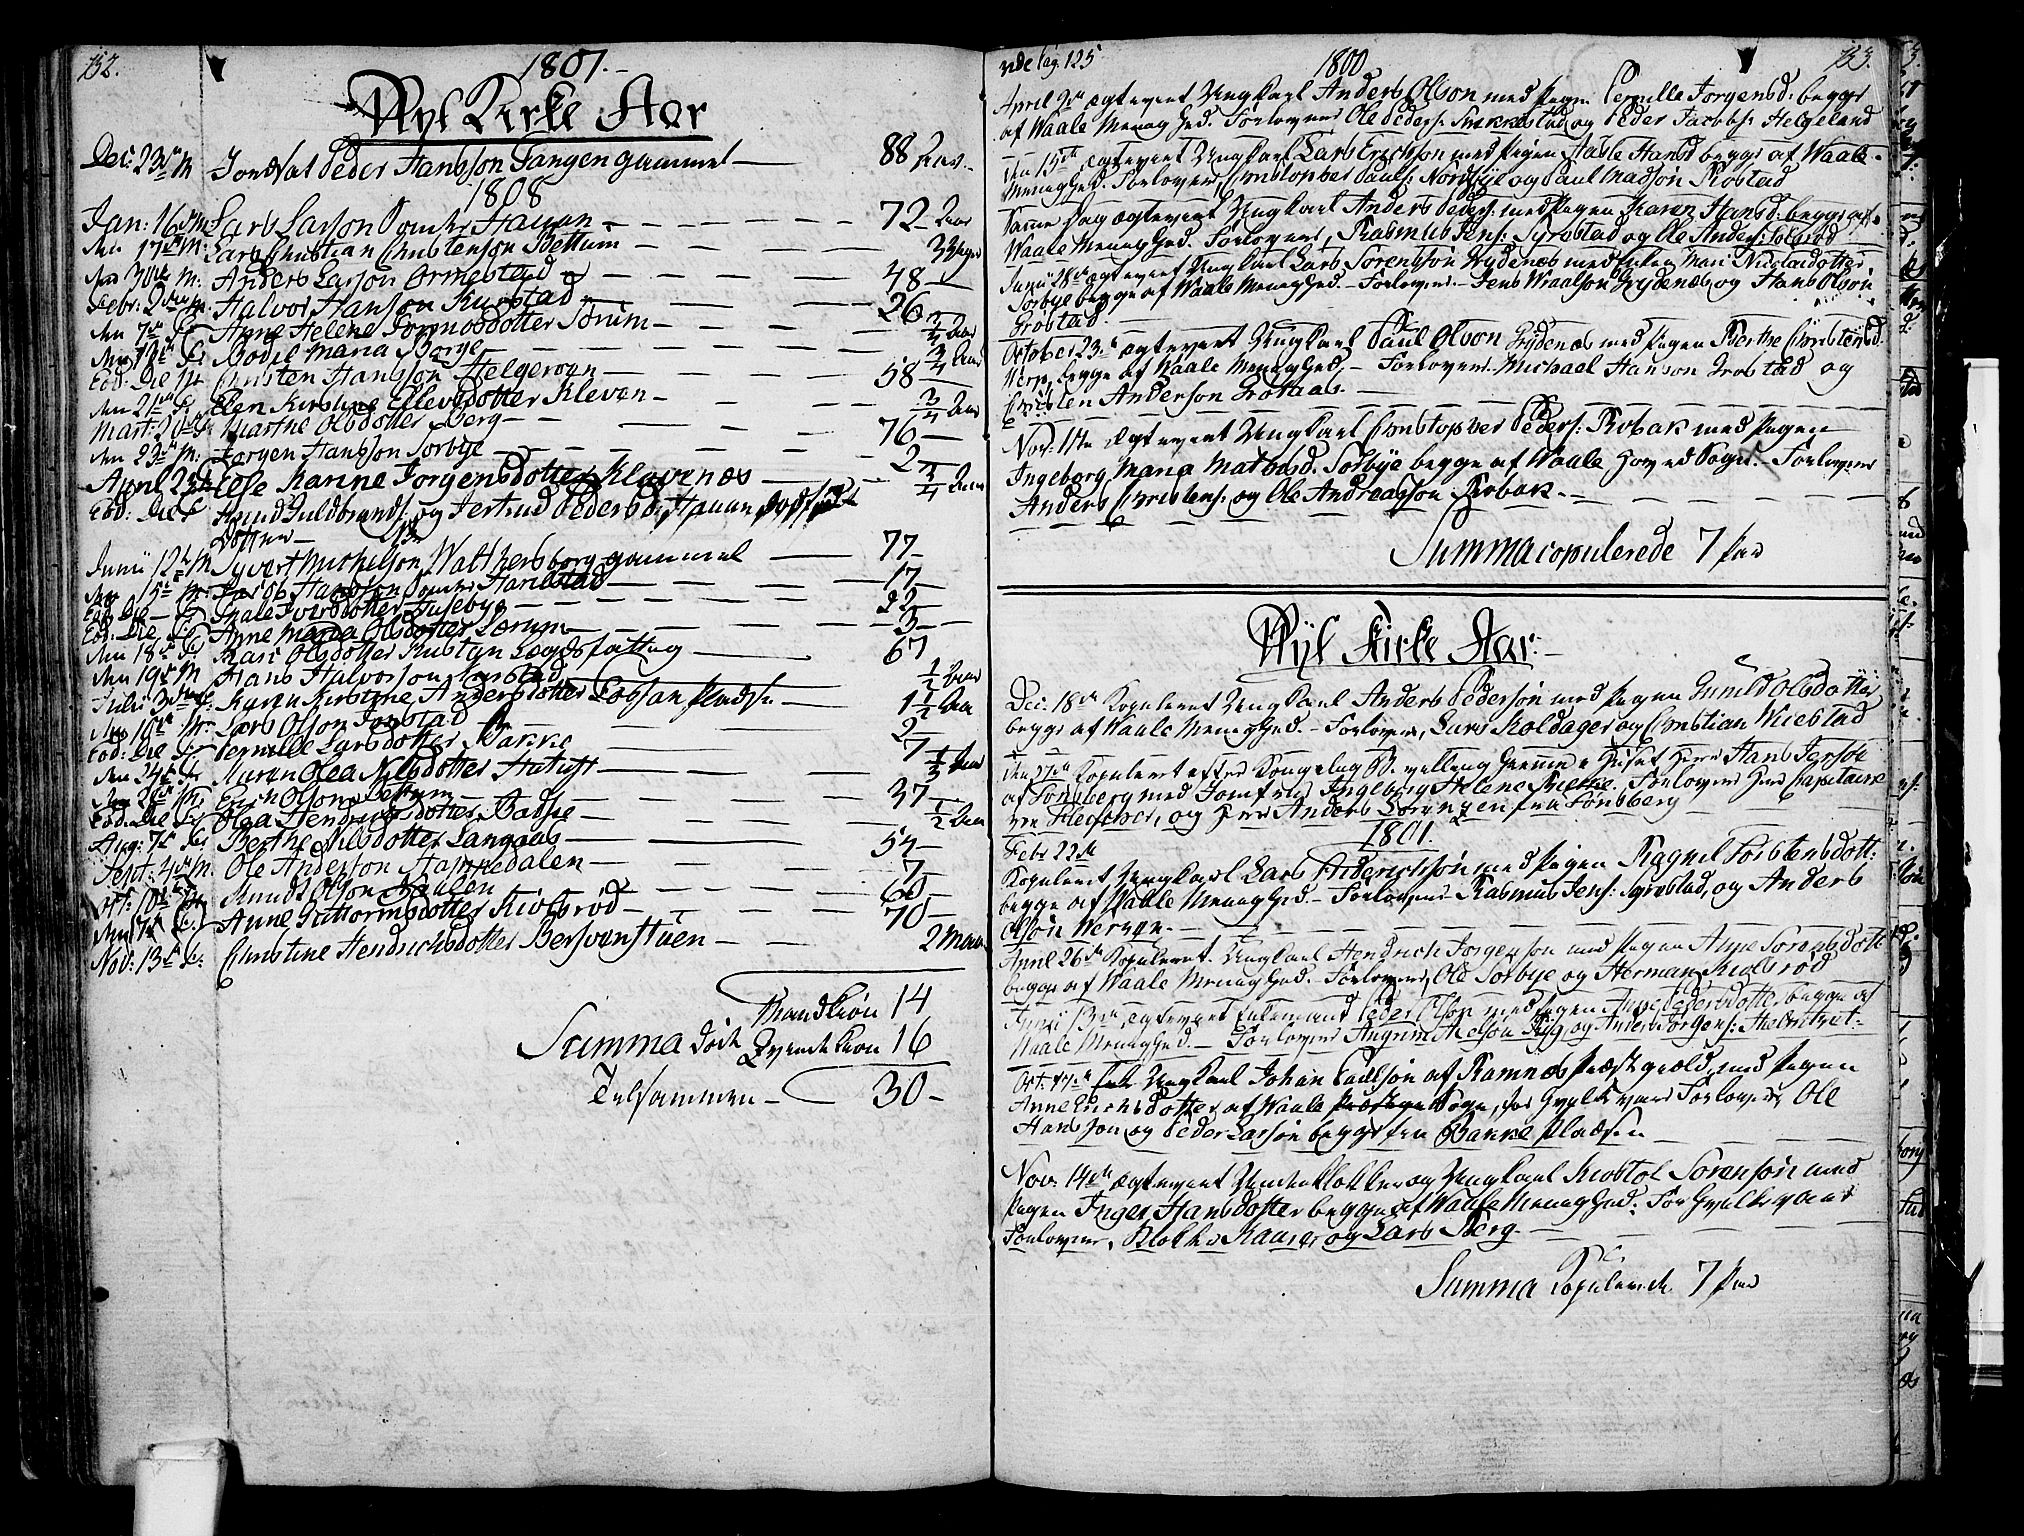 SAKO, Våle kirkebøker, F/Fa/L0005: Parish register (official) no. I 5, 1773-1808, p. 152-153